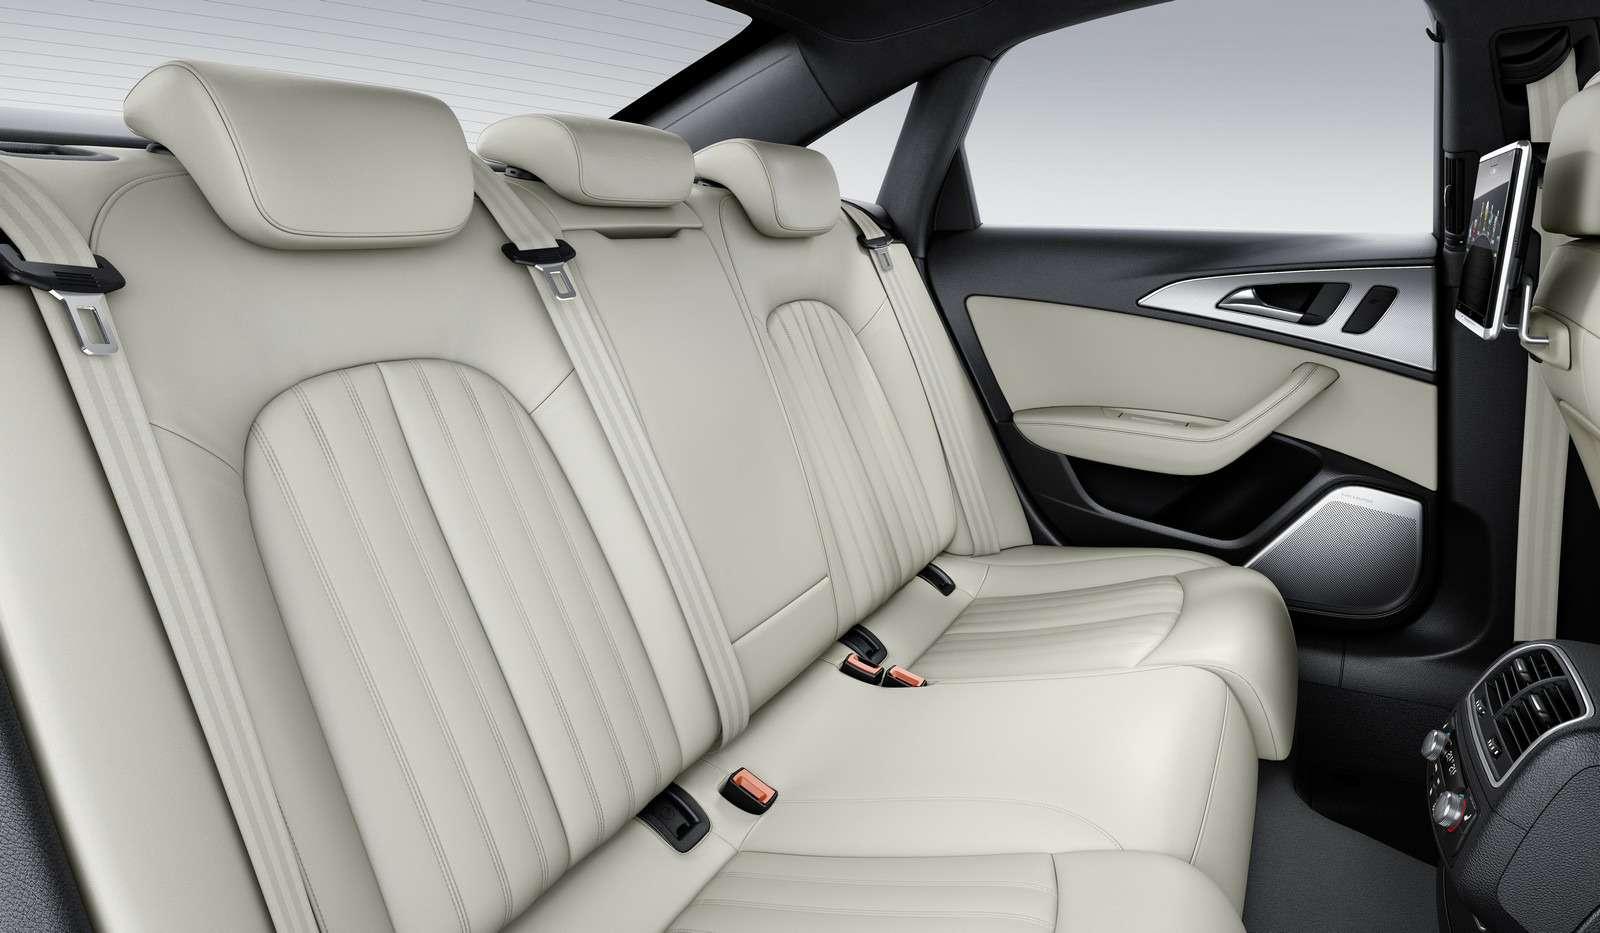 Обновленное семейство Audi A6/A7 хочет понравиться гаджетоманам— фото 579069